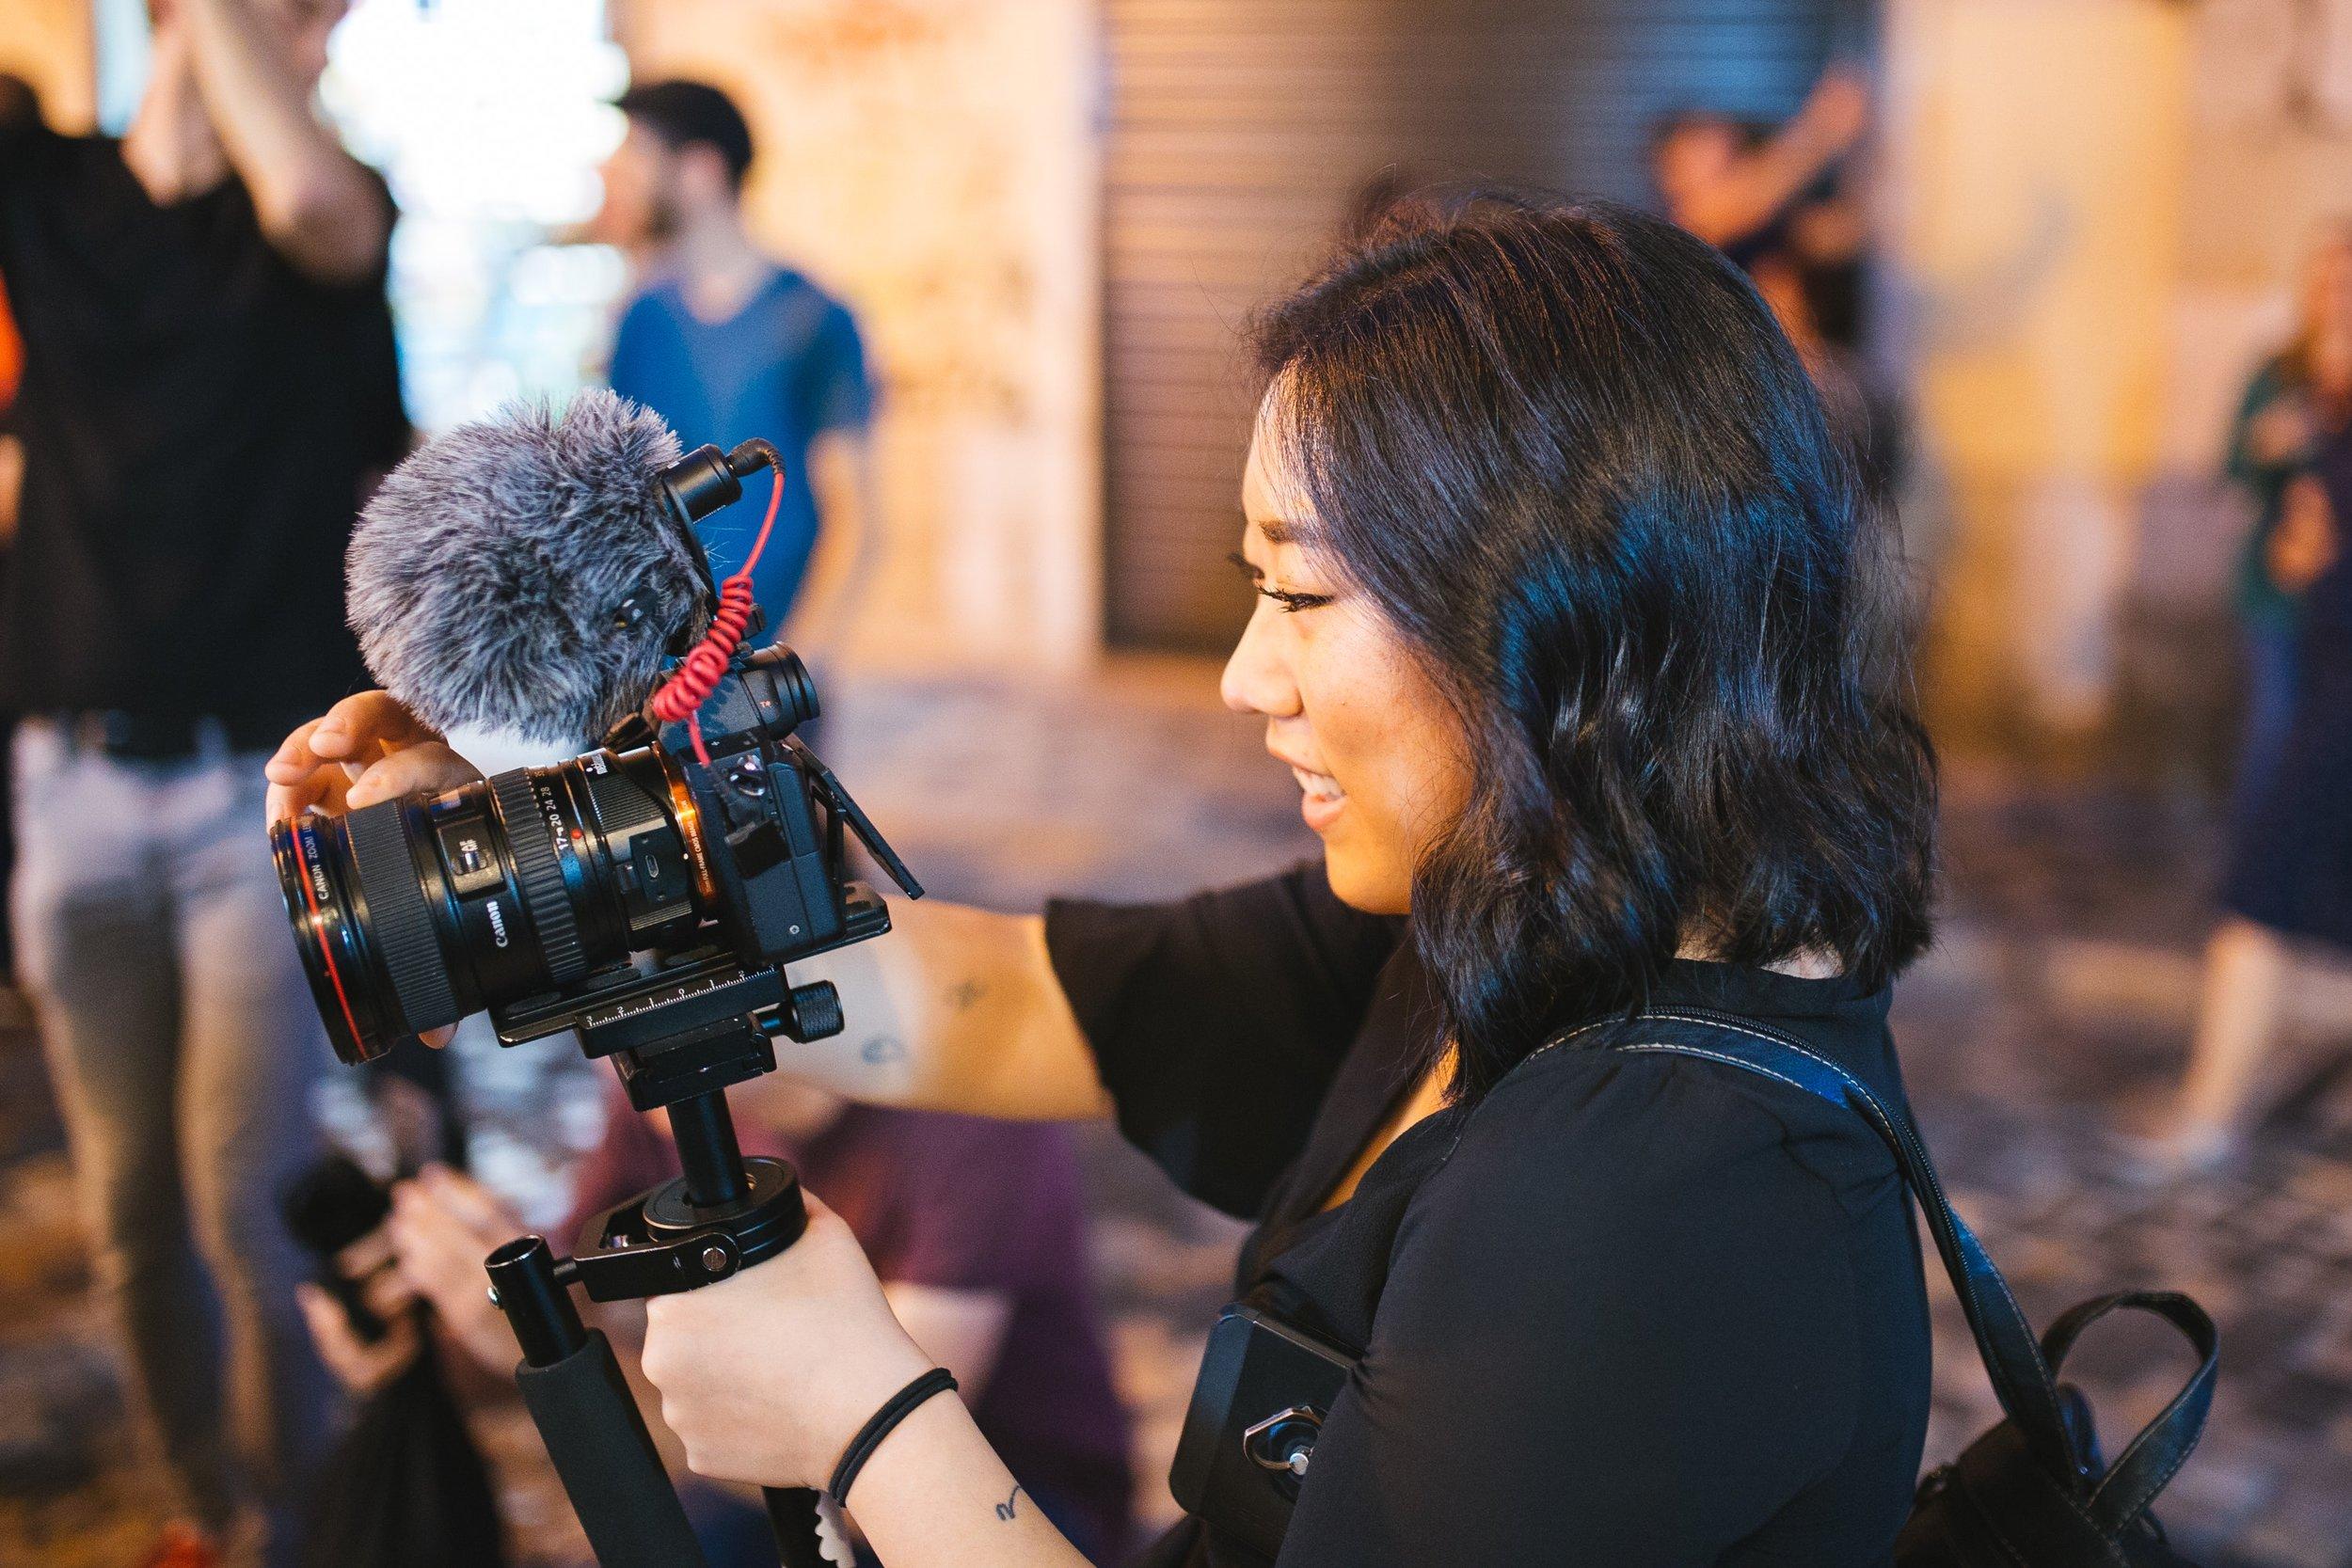 camera-dslr-camera-equipment-1615824.jpg